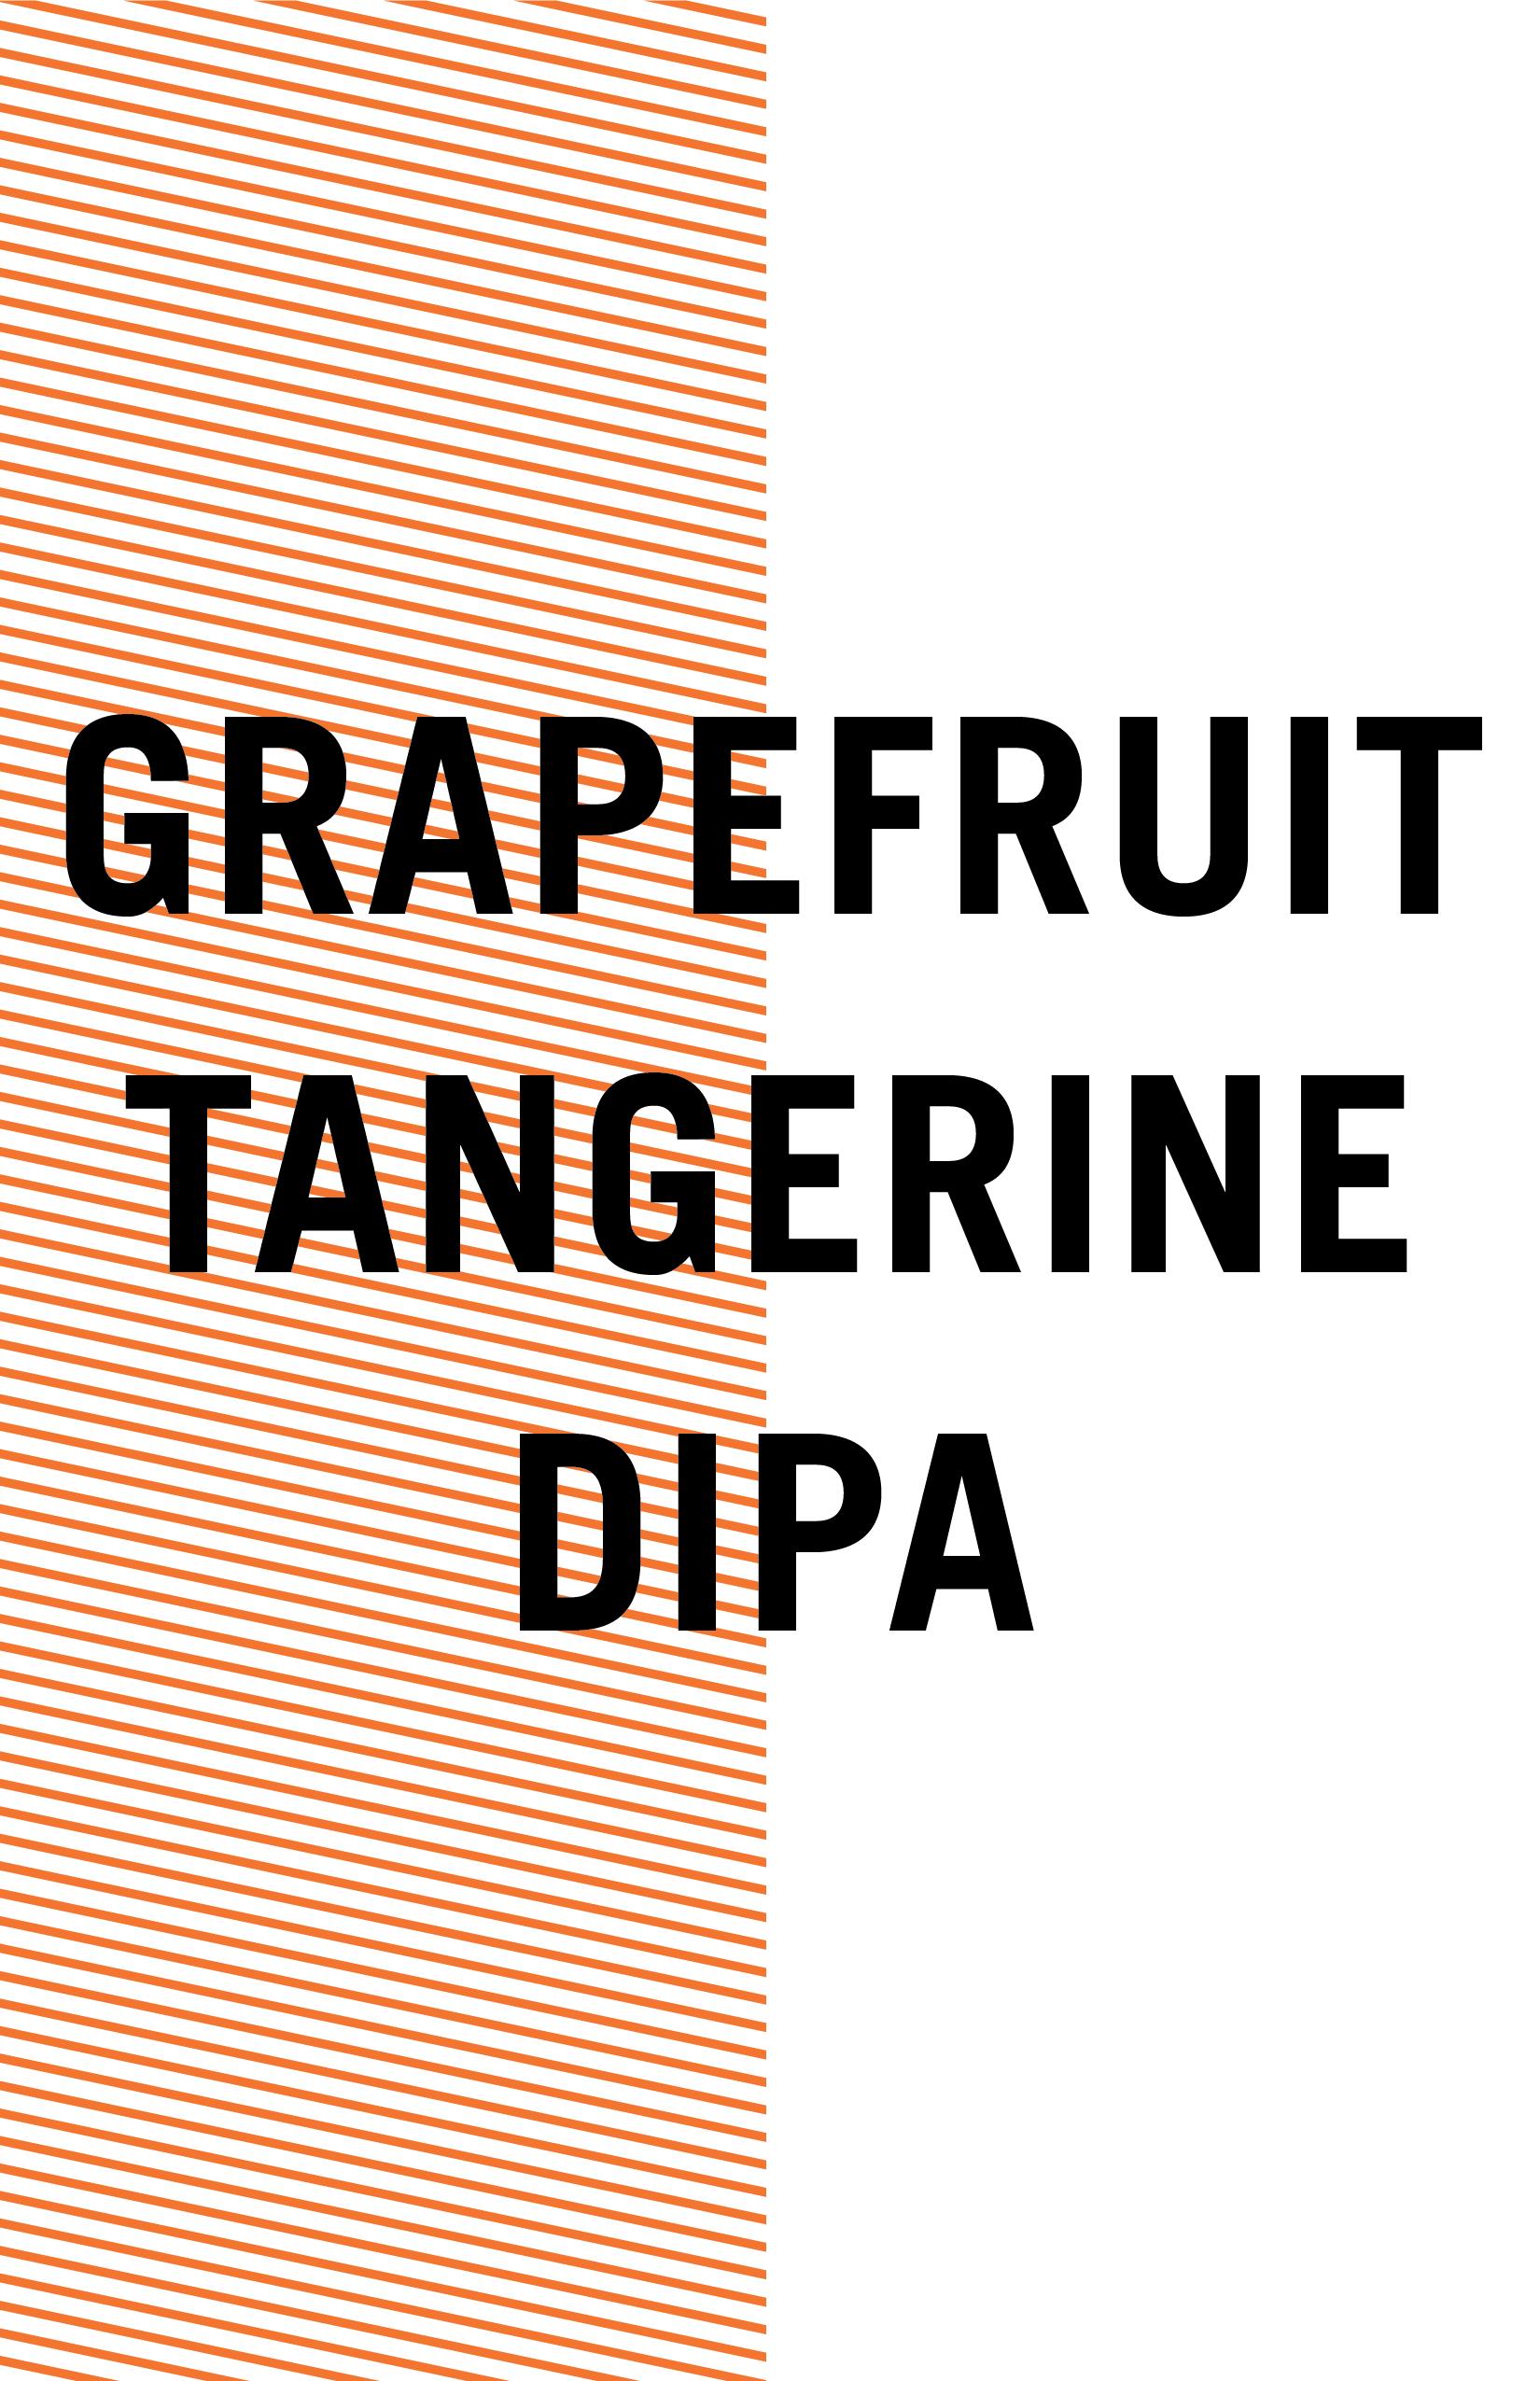 DIPA-03.png